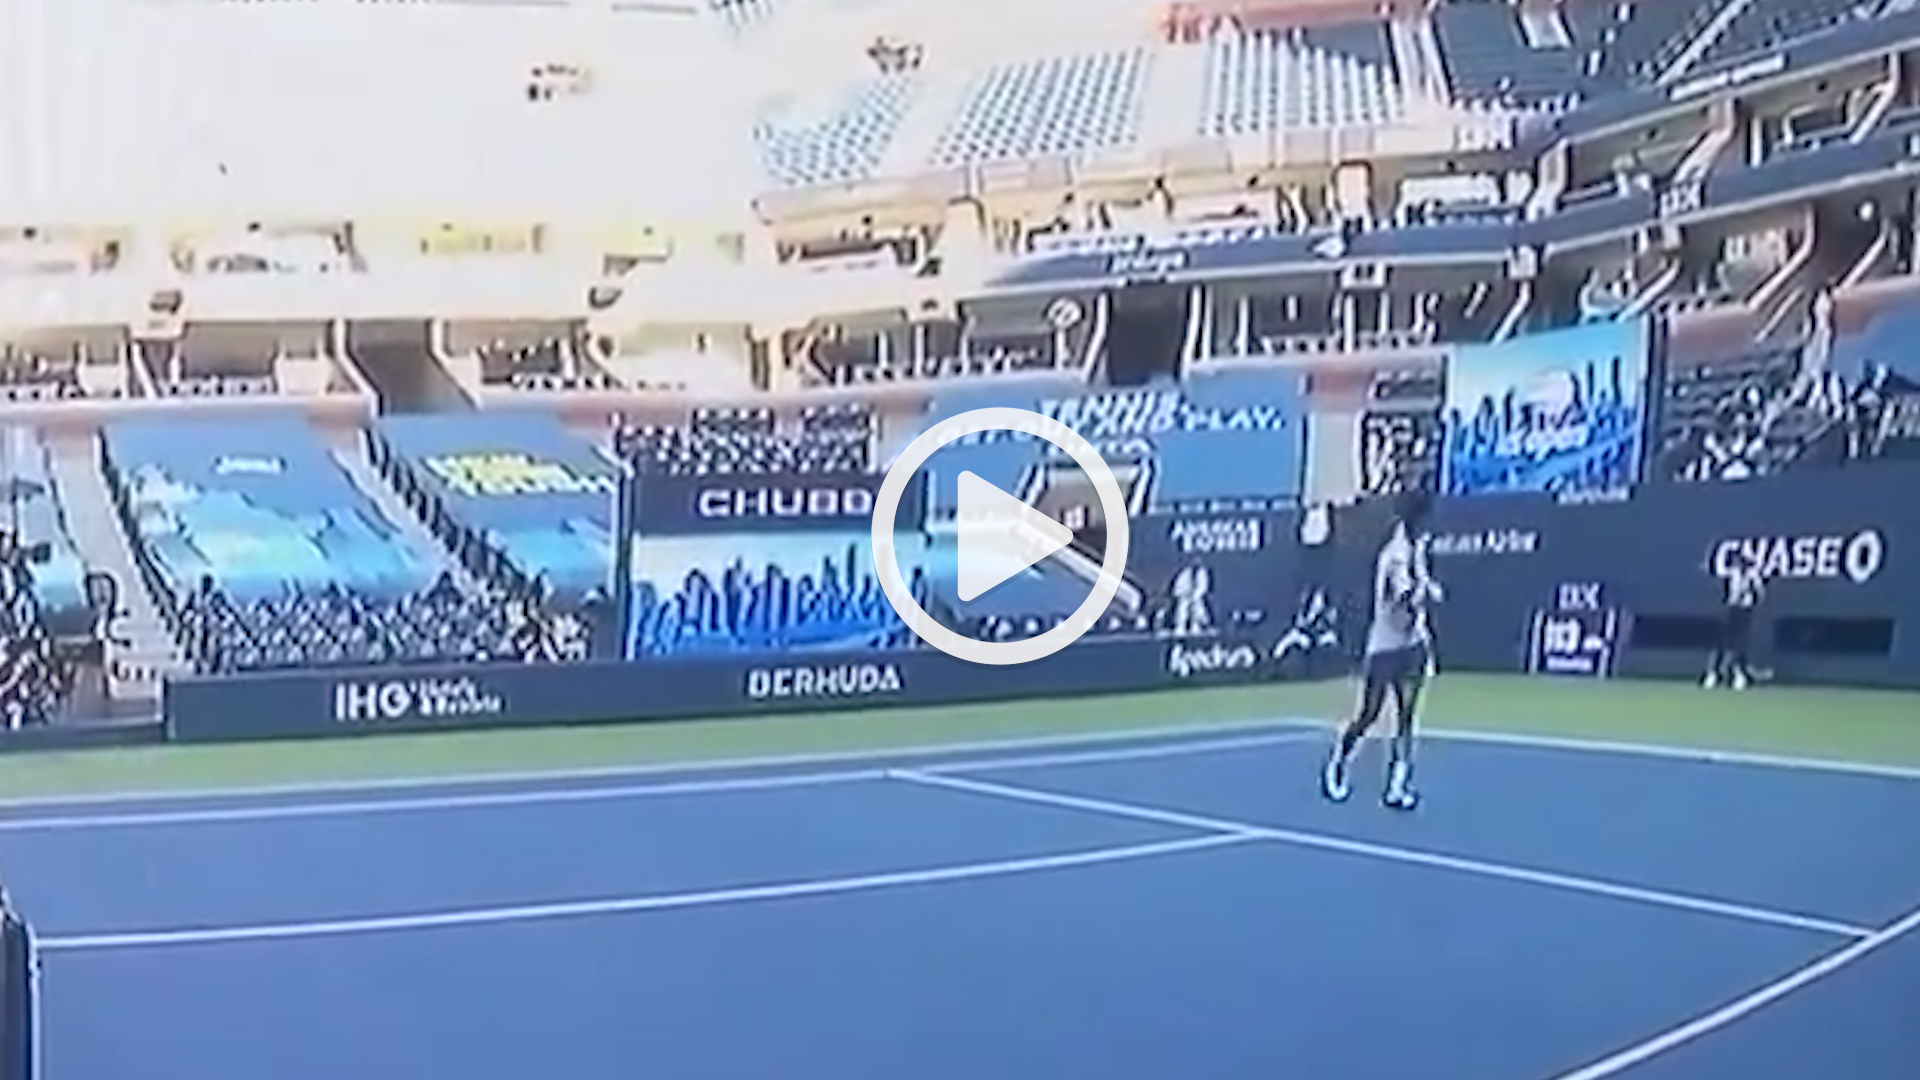 Novak Djokovic Fue Descalificado Del Us Open Por Haberle Pegado Un Pelotazo A Una Jueza De Linea Infobae